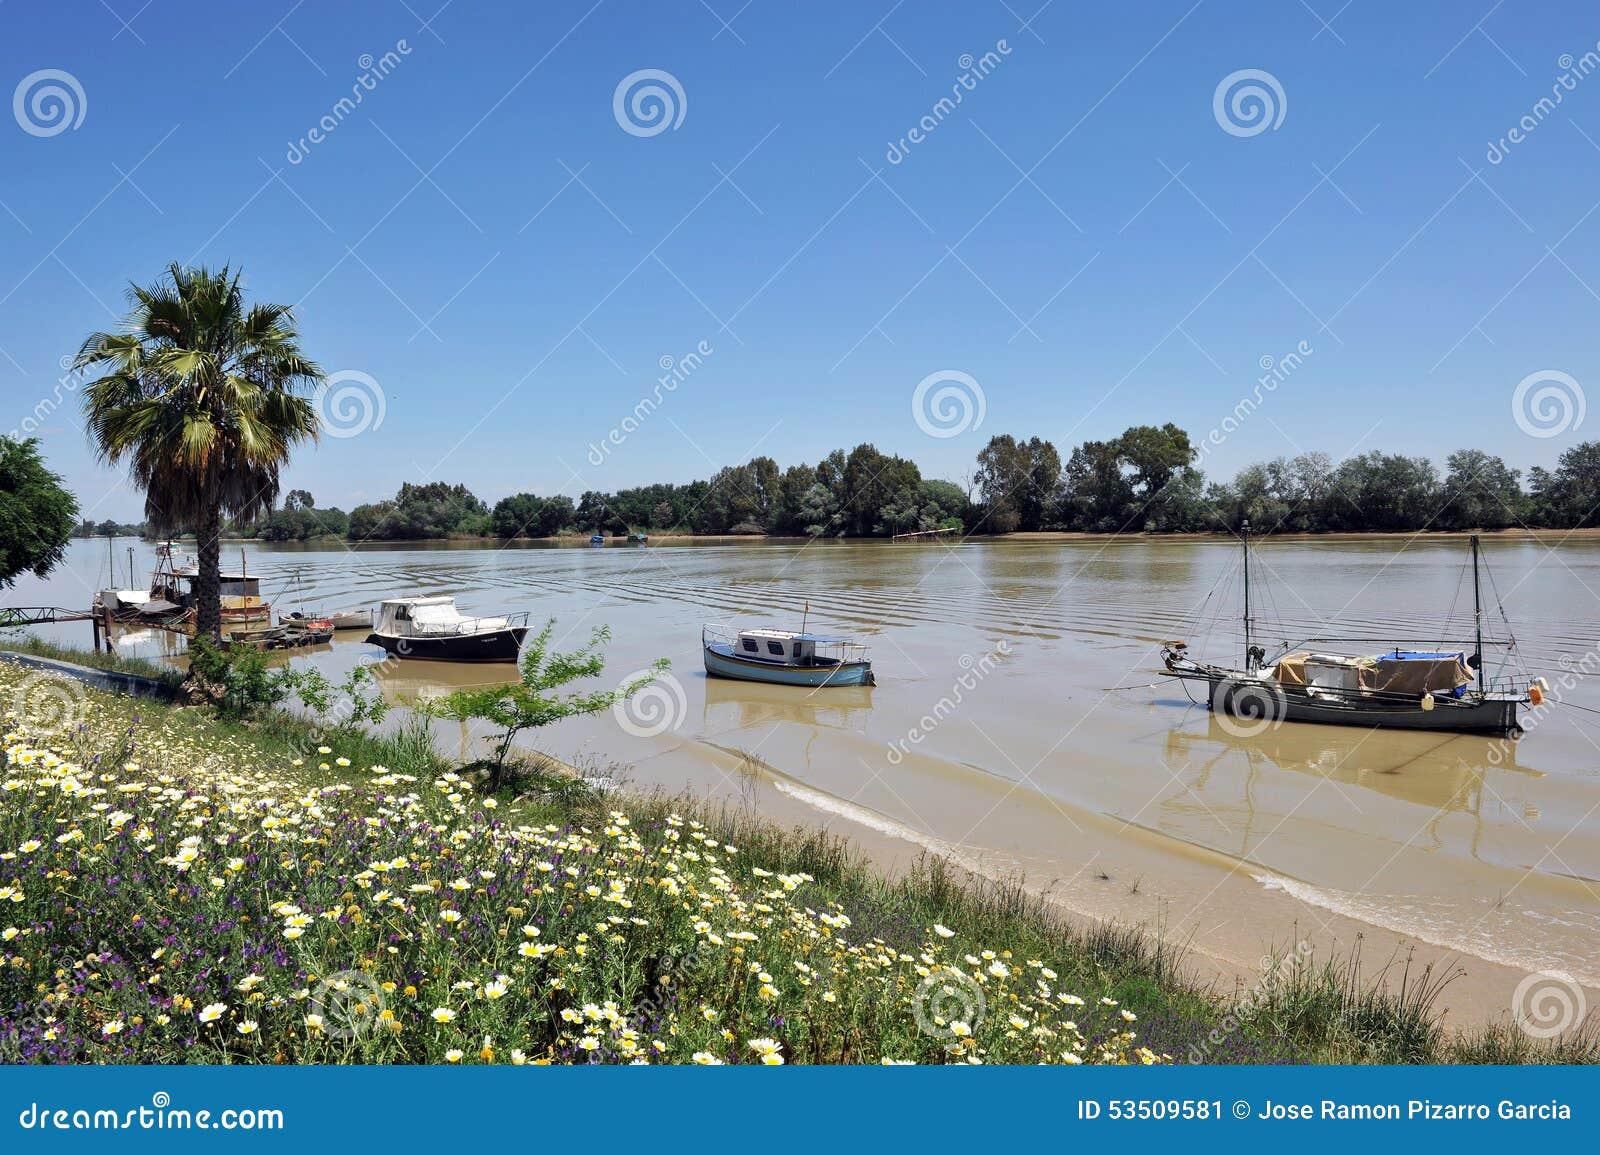 Kleine Boote am Pier, der Guadalquivir-Fluss, wie er durch Lederhäute del Provinz Rios, Sevilla überschreitet, Andalusien, Spanie